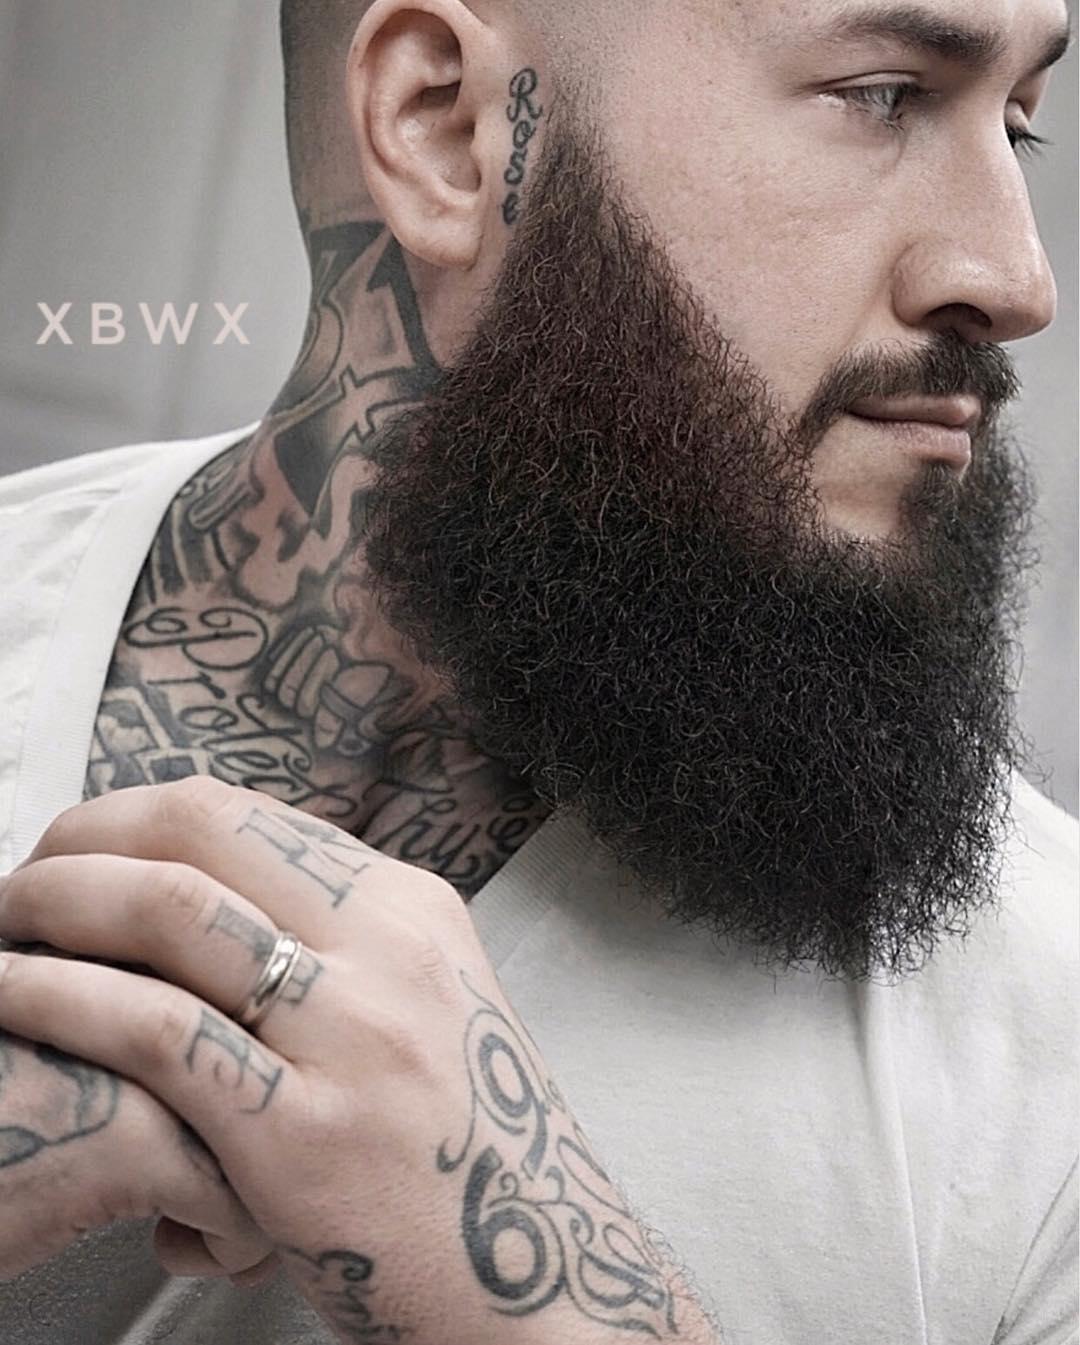 18 styles de barbe cool que vous devriez essayer 5f3f9540d2898 - 18 styles de barbe cool que vous devriez essayer